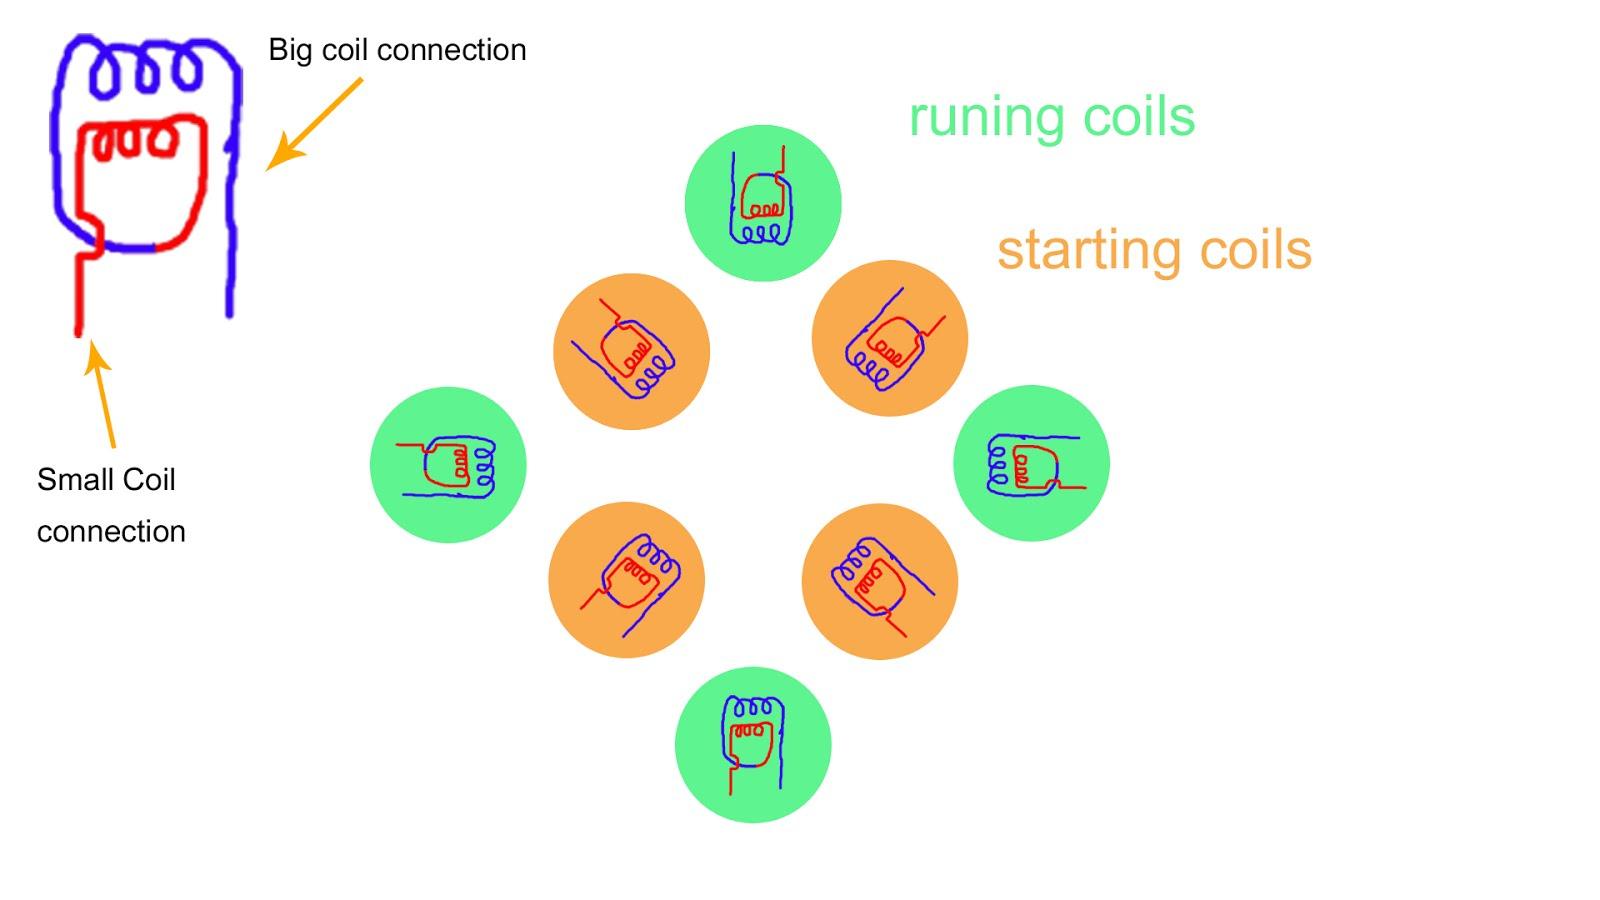 hight resolution of dryer machine motor diagram running and starting winding